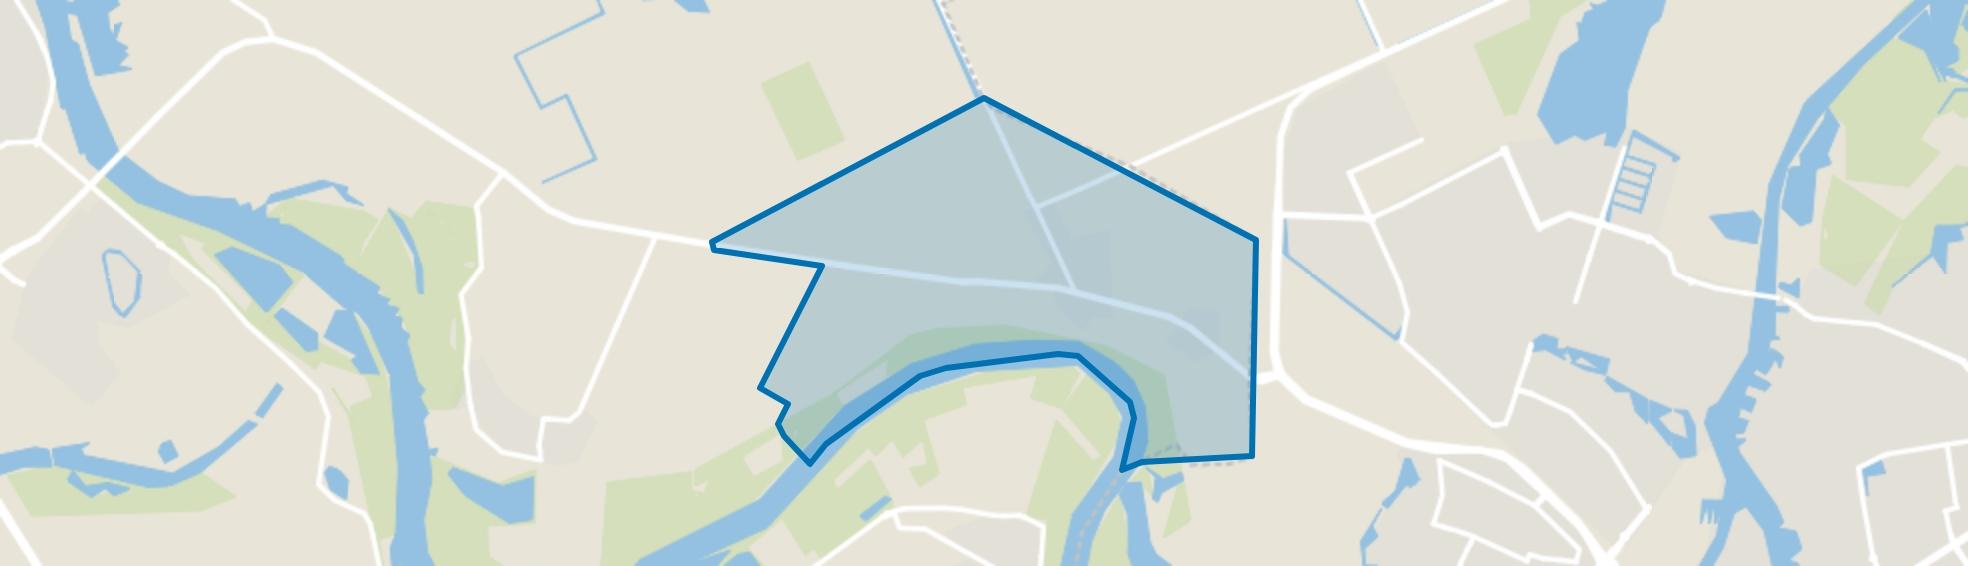 's-Heerenbroek, 's-Heerenbroek map